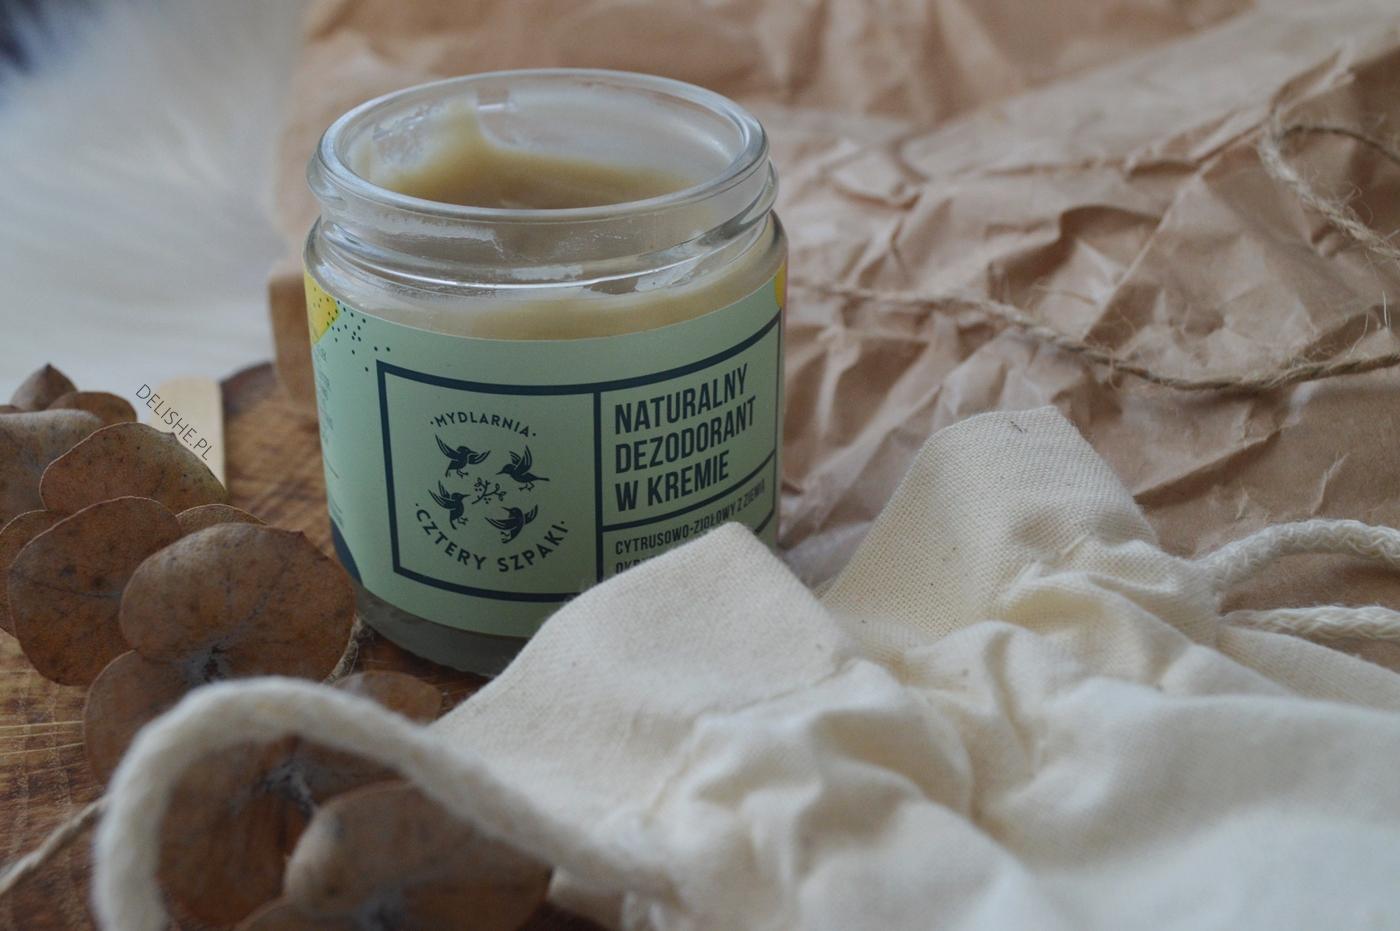 naturalny dezodorant w kremie 4 szpaki